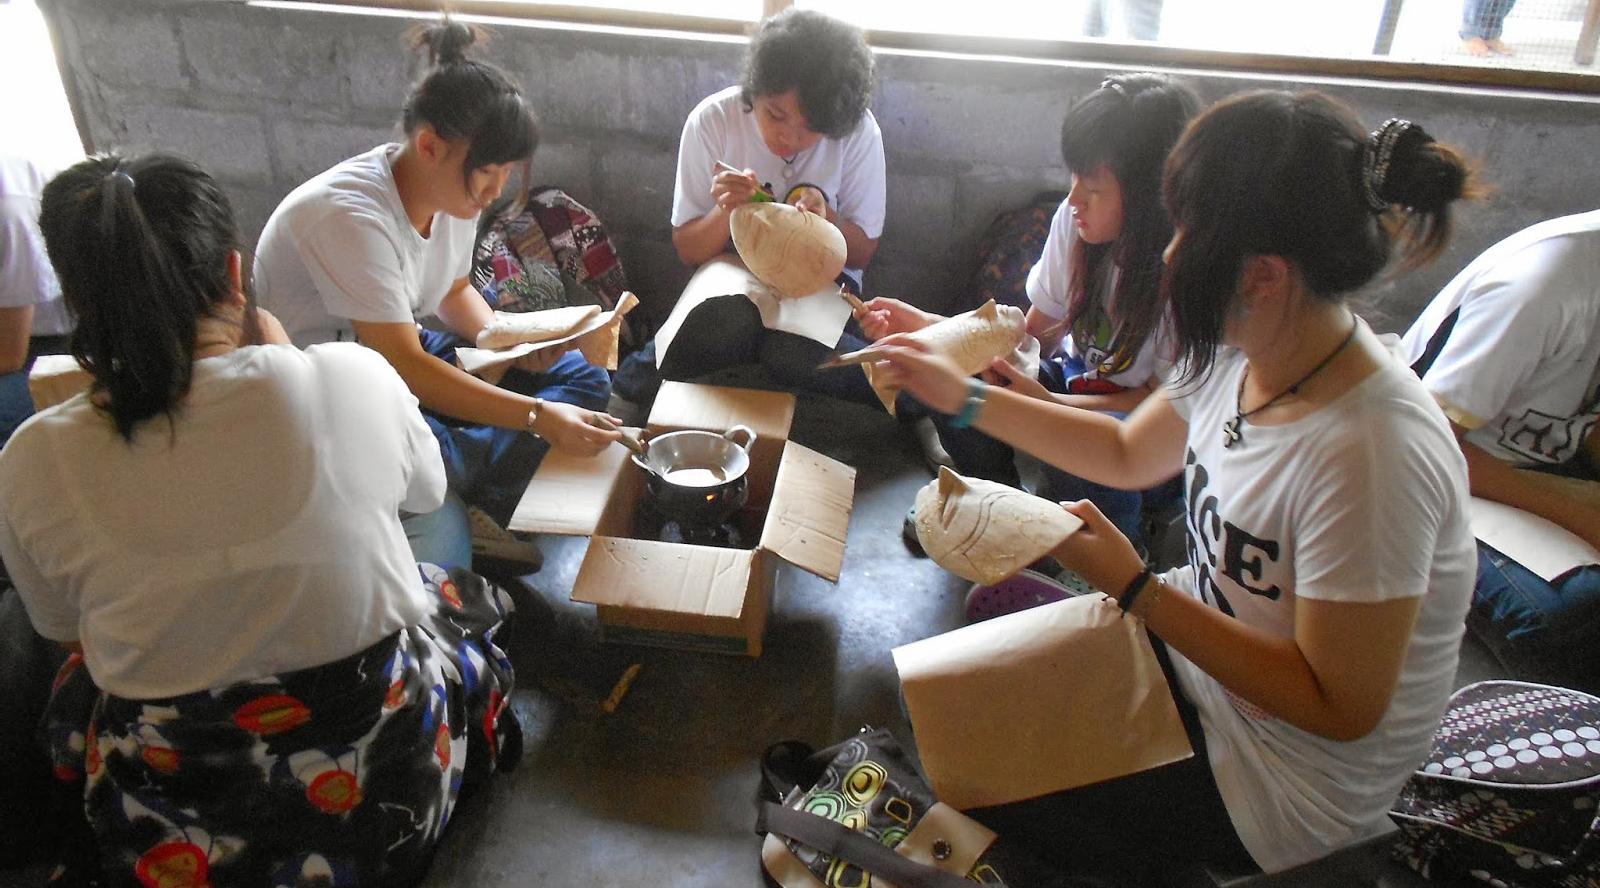 Wsata edukasi Jogja taman batik untuk cewek cantik mahasiswi seksi Jogja belajar bikin batik